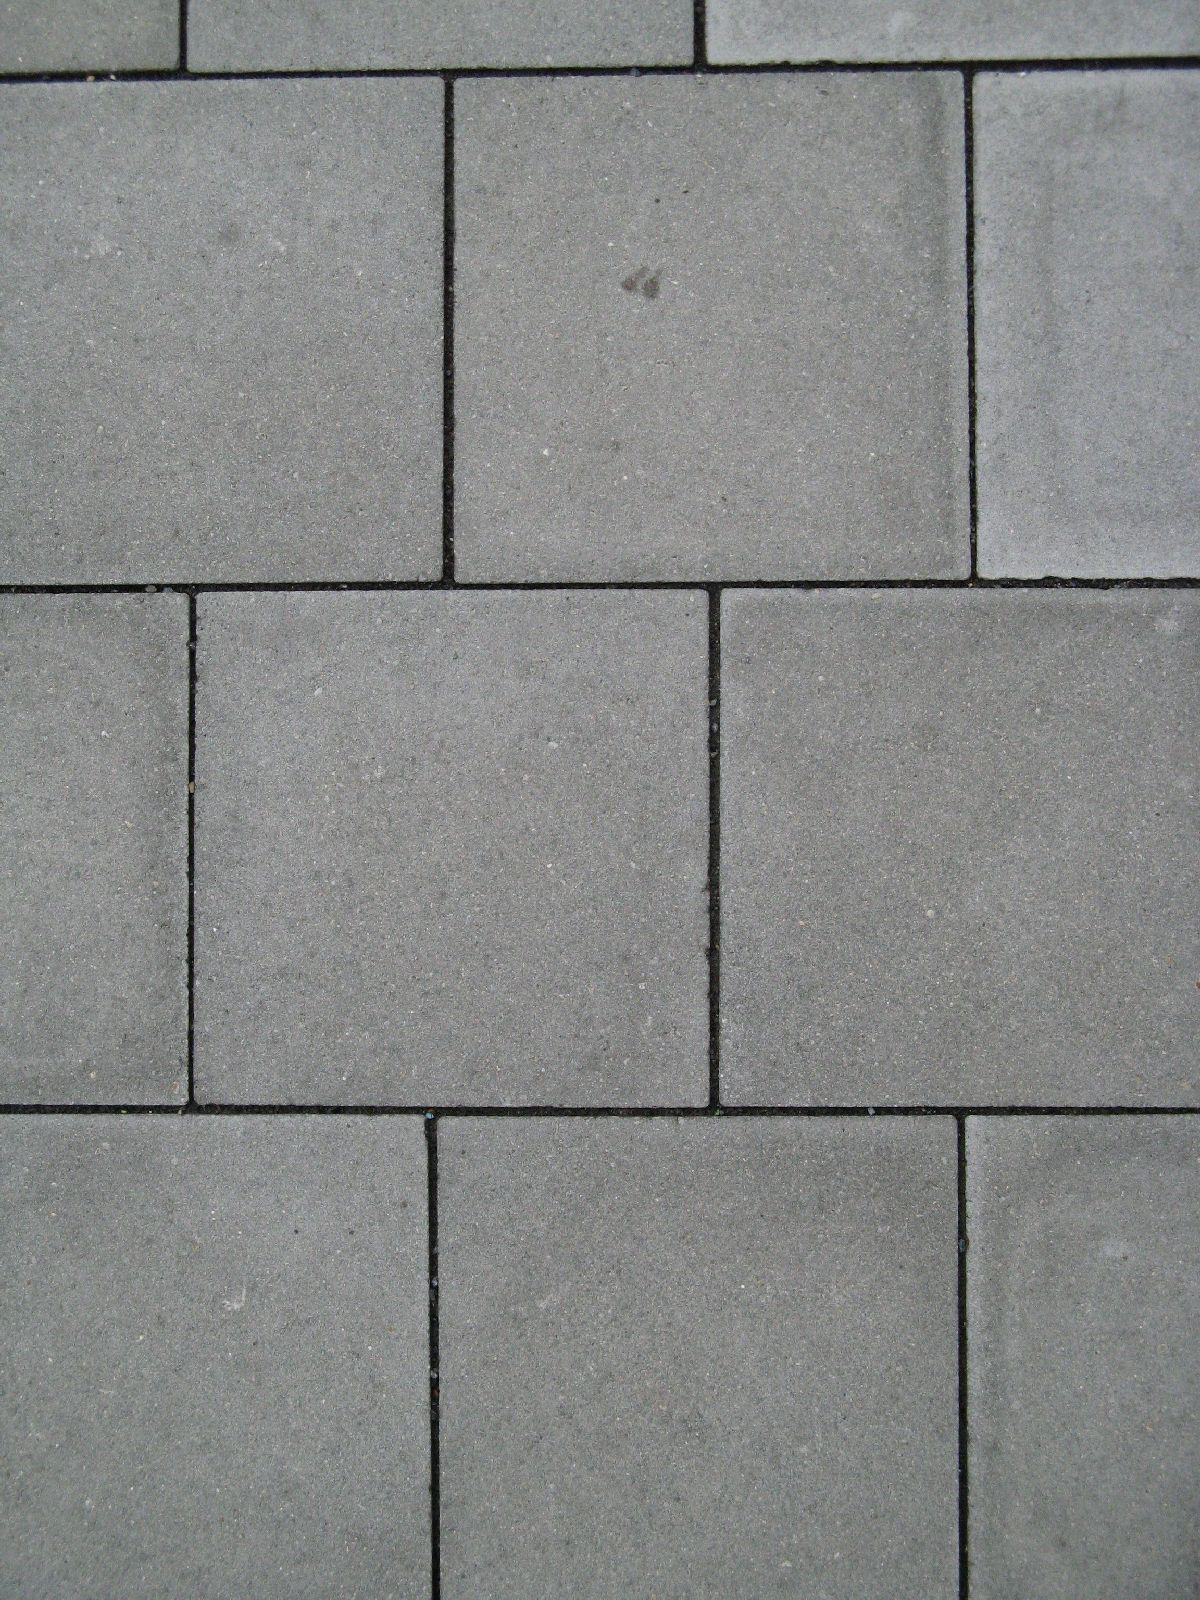 Boden-Gehweg-Strasse-Buergersteig-Textur_B_04379